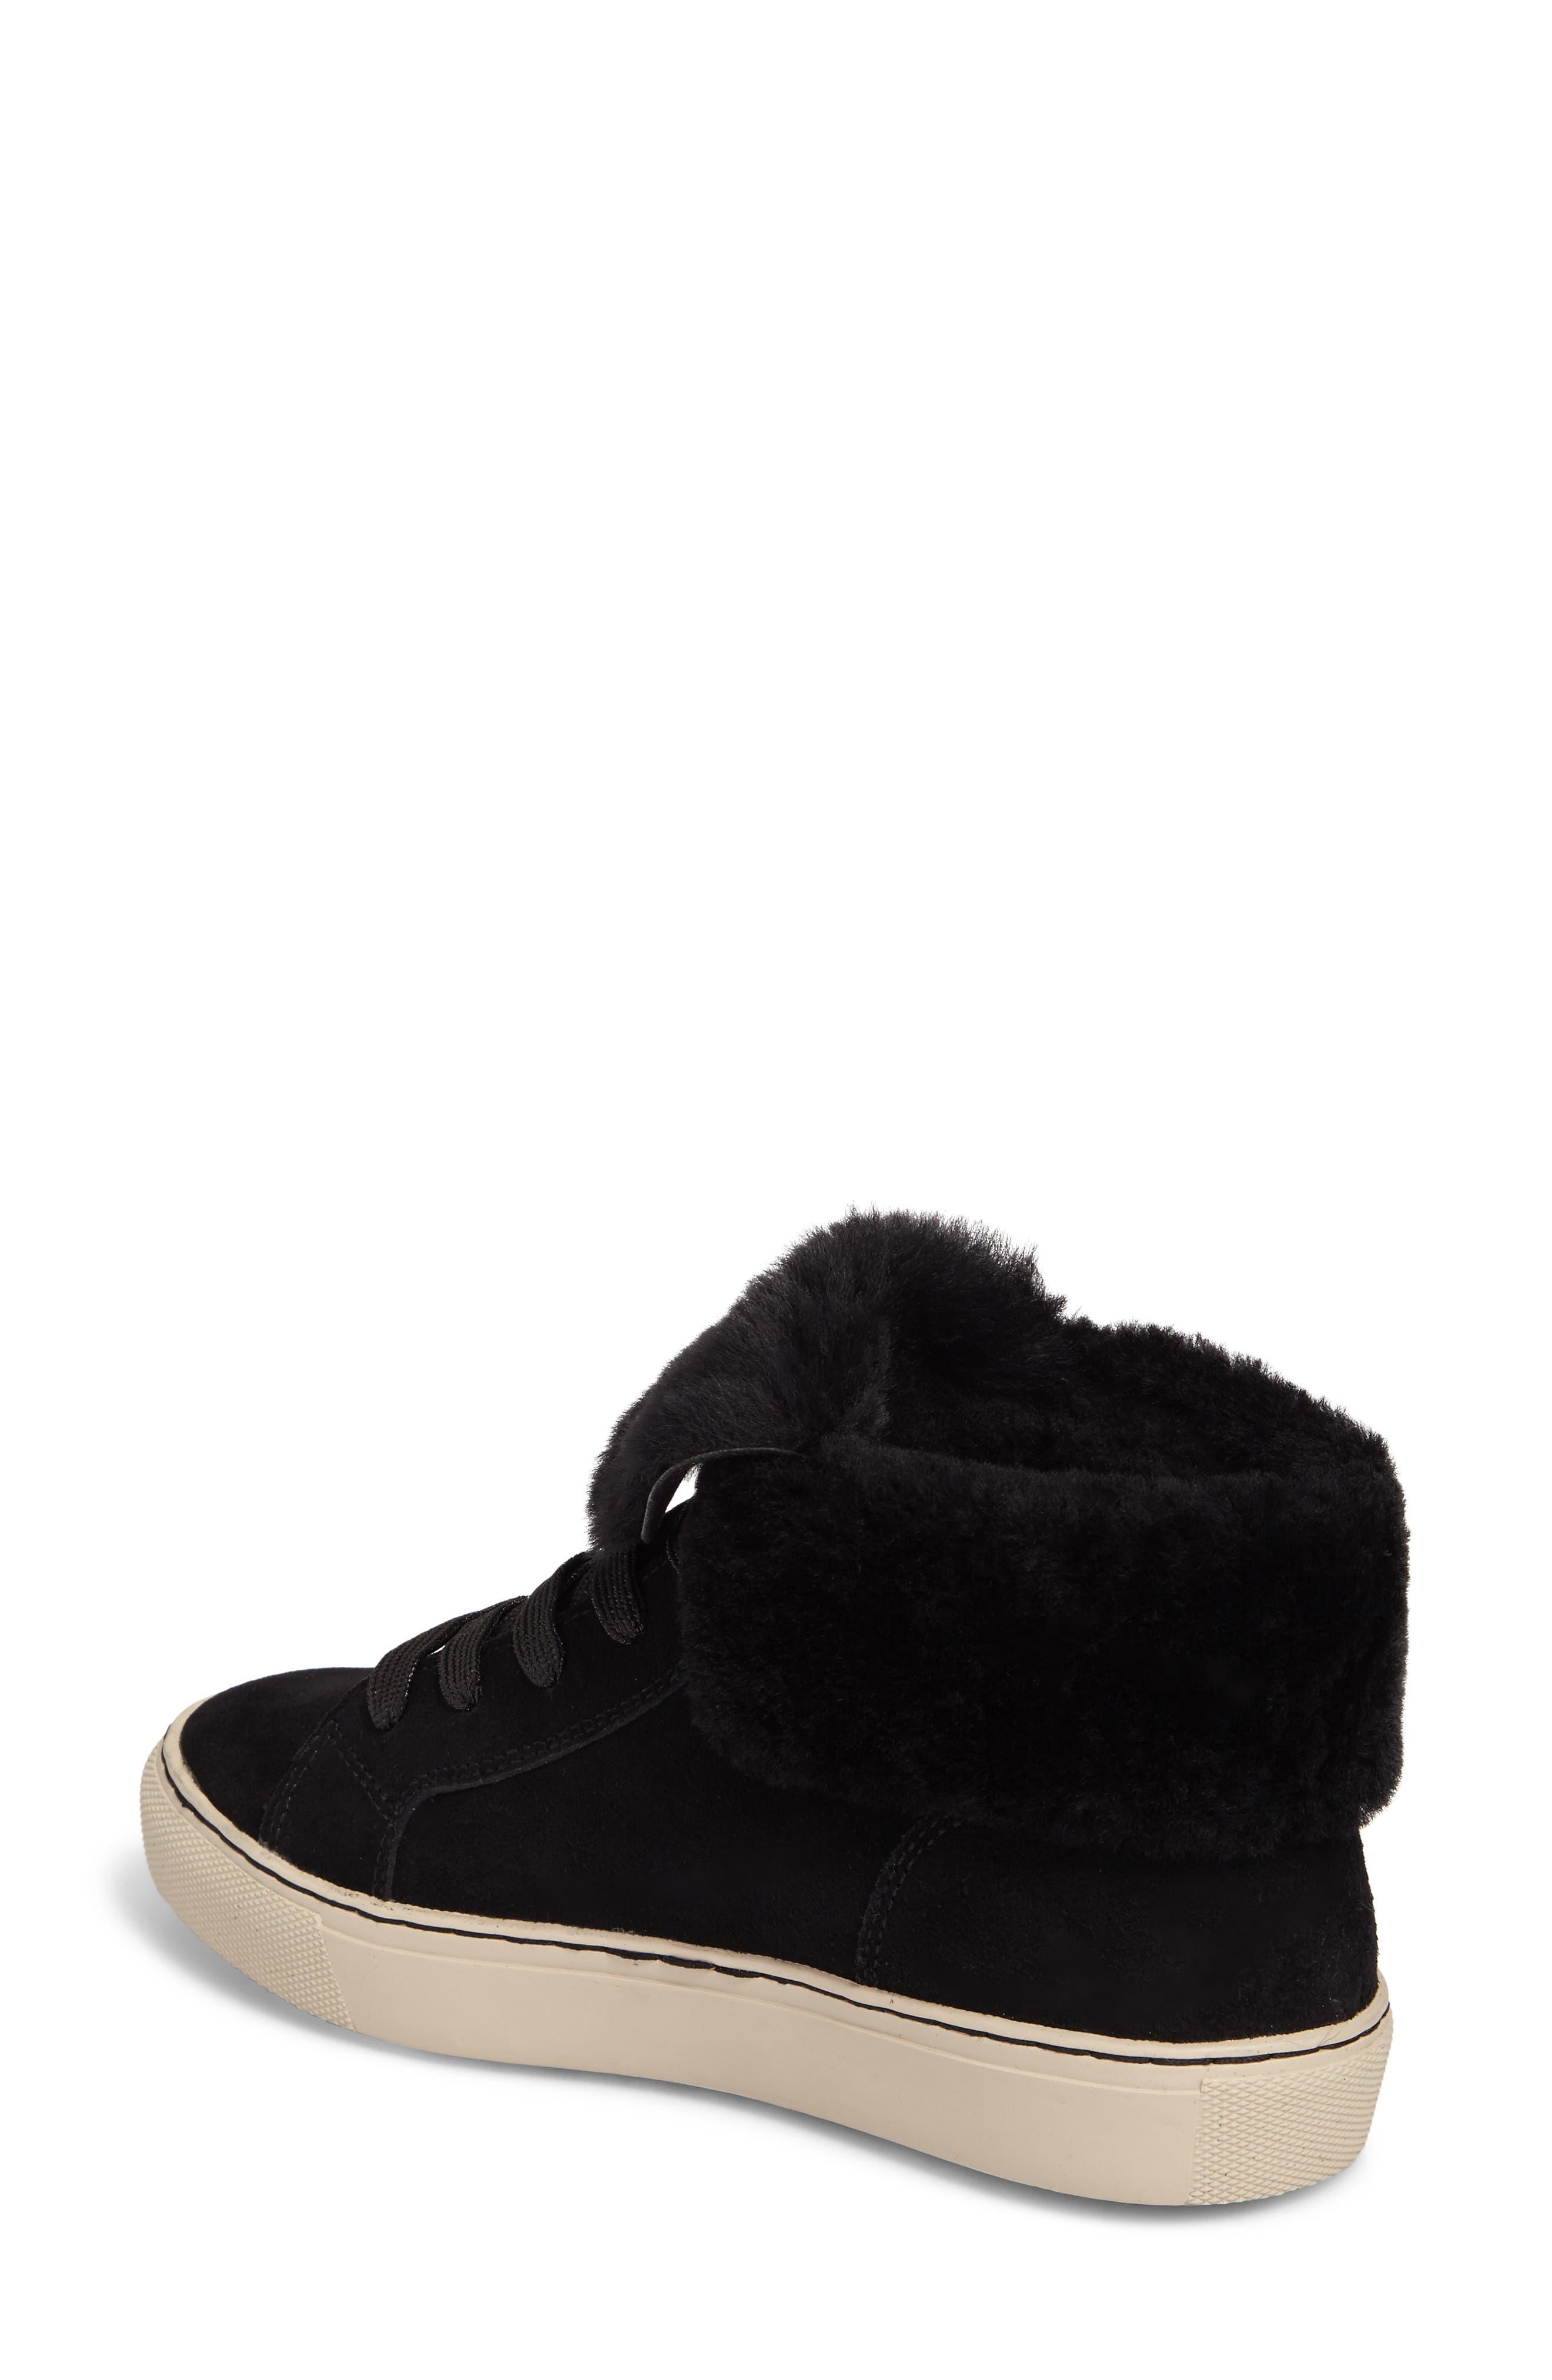 Downey Waterproof Genuine Shearling Sneaker,                             Alternate thumbnail 2, color,                             Black Suede